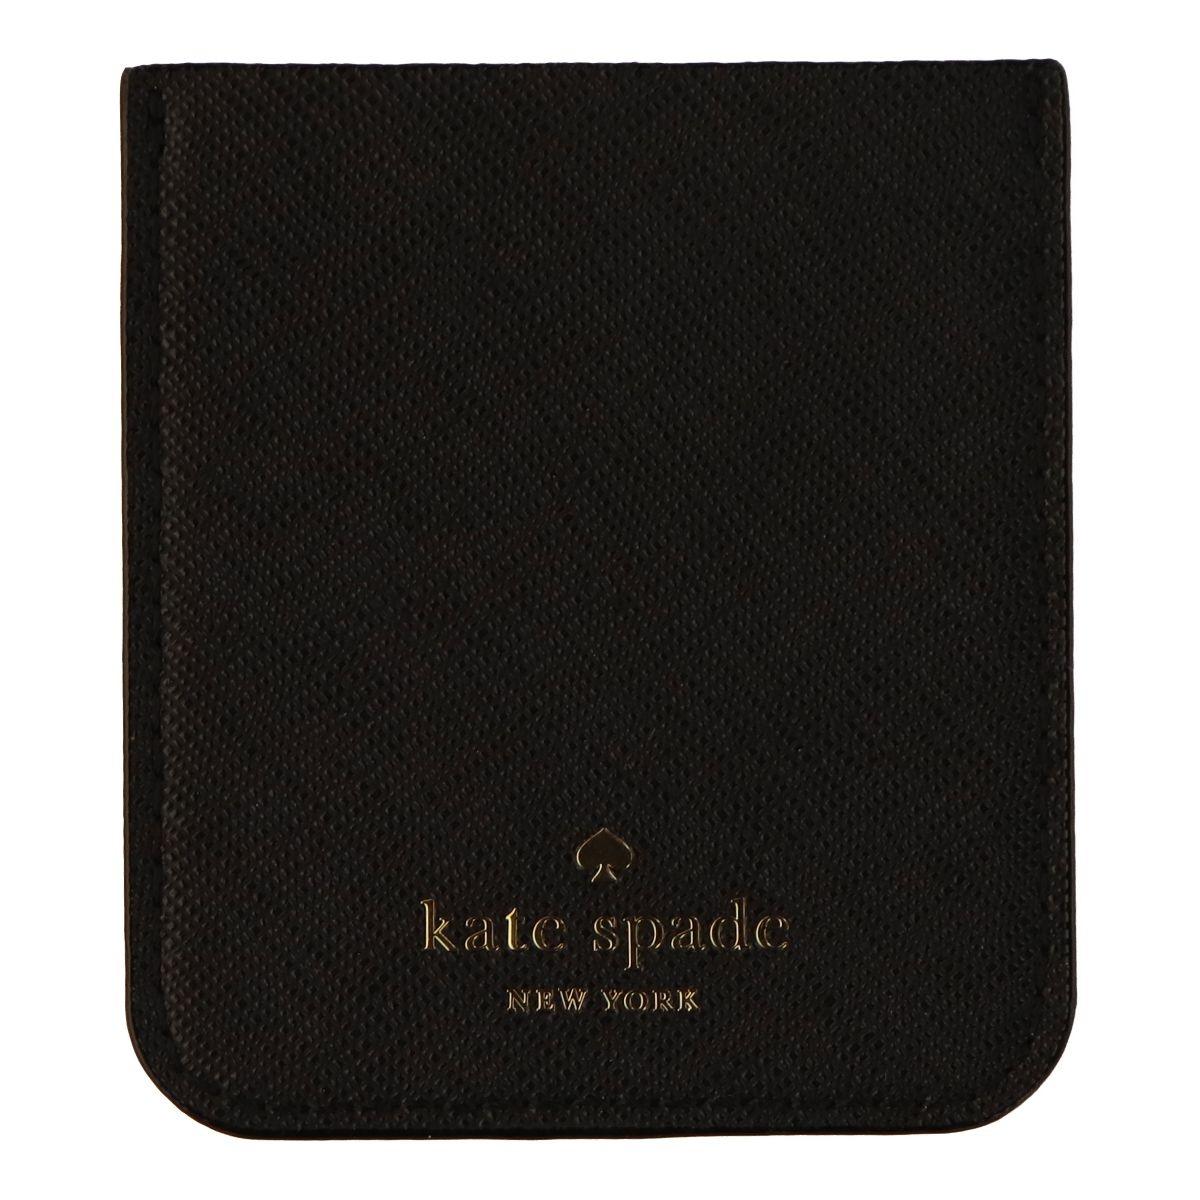 Kate Spade New York Sticker Pocket for Smartphones - Black